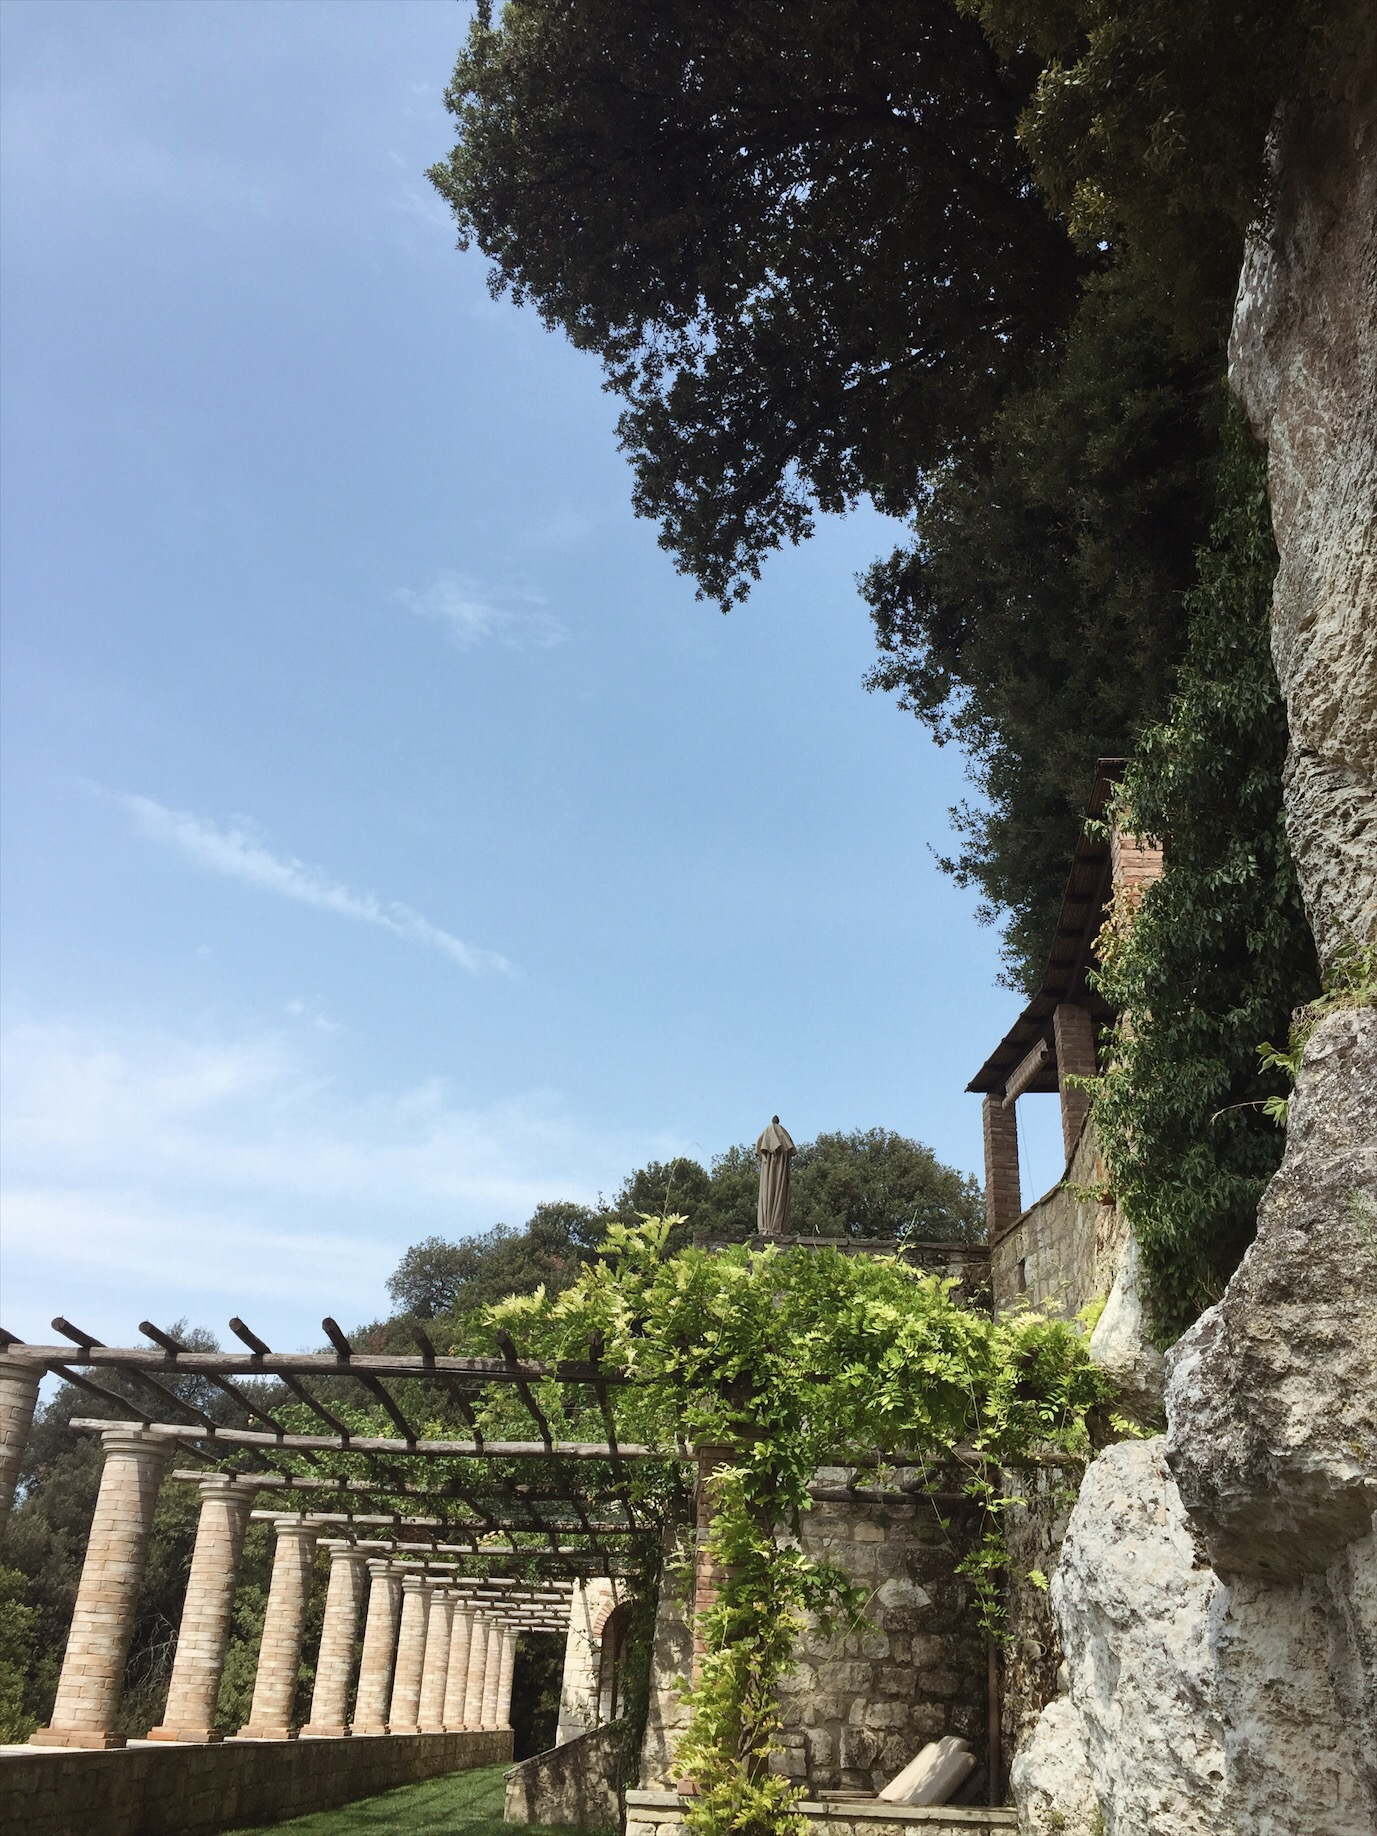 The grounds of Borgo Pignano